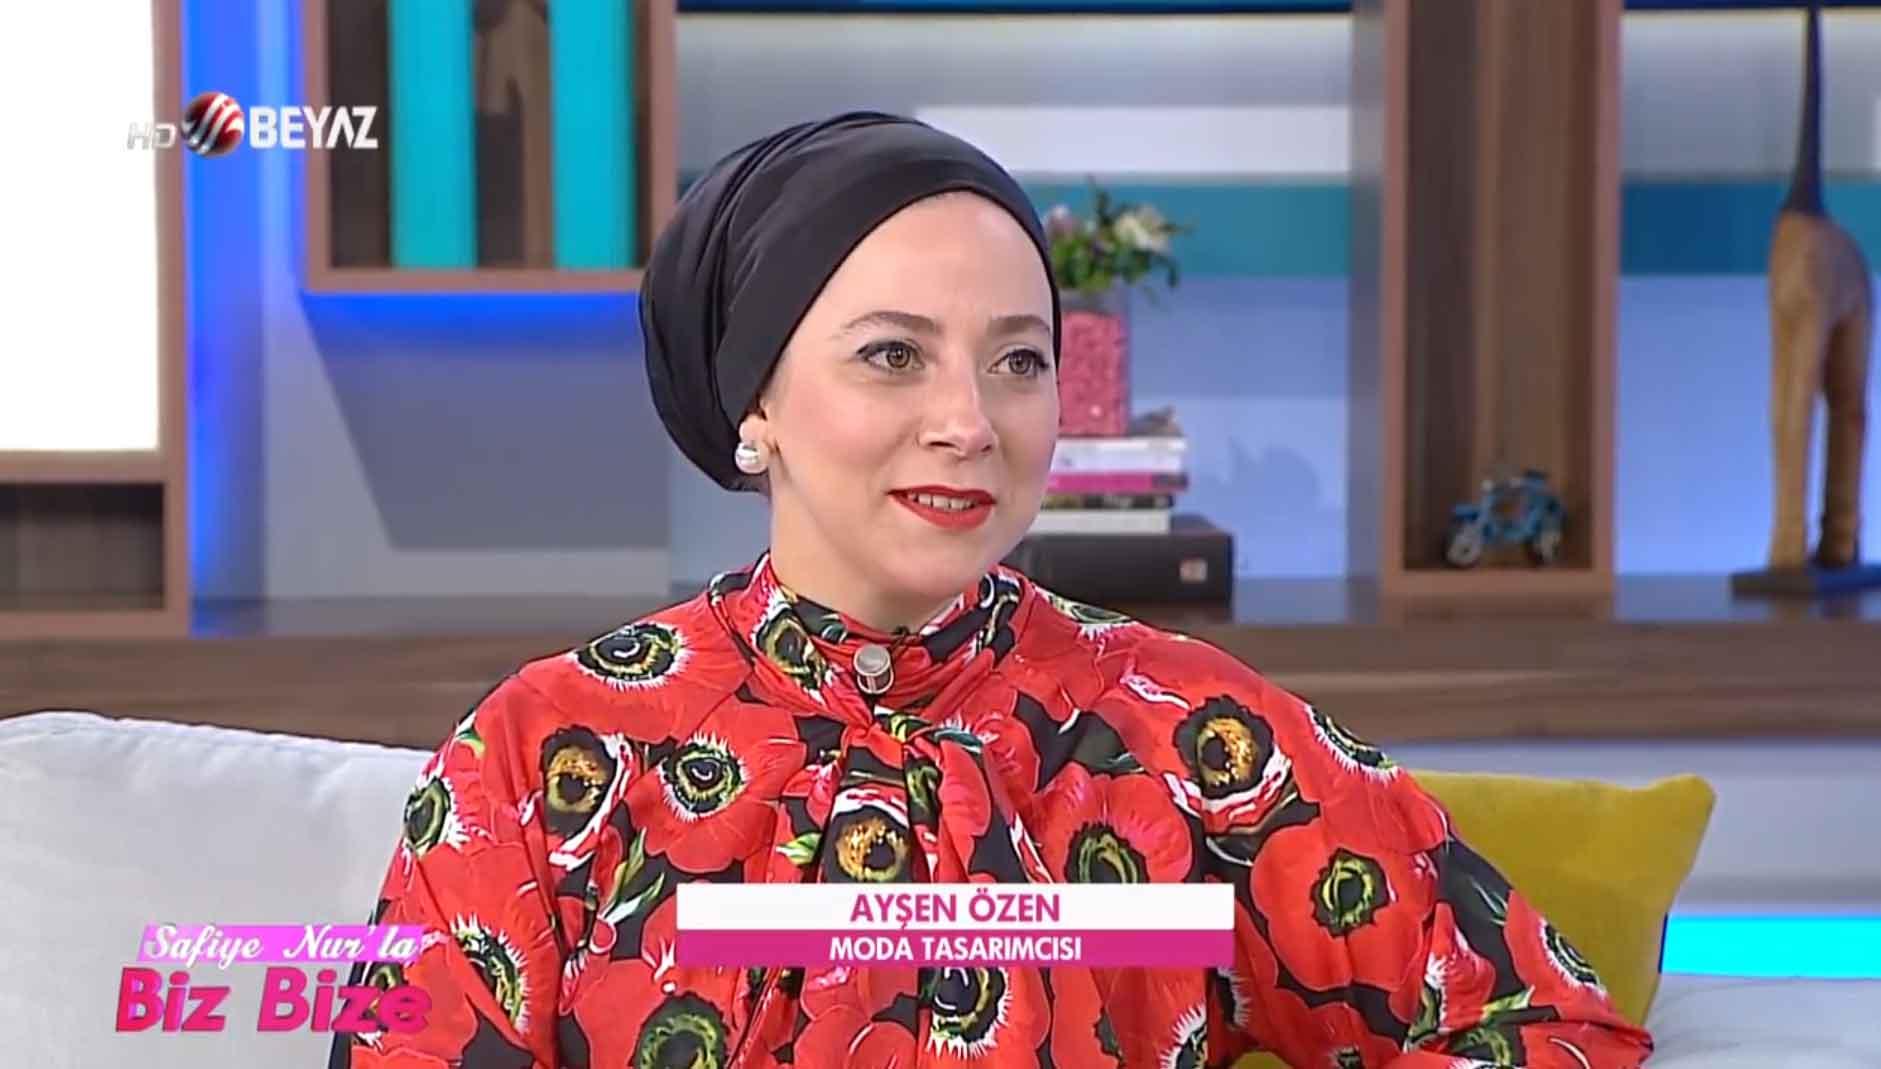 Safiye Nur'la Biz Bize Programından